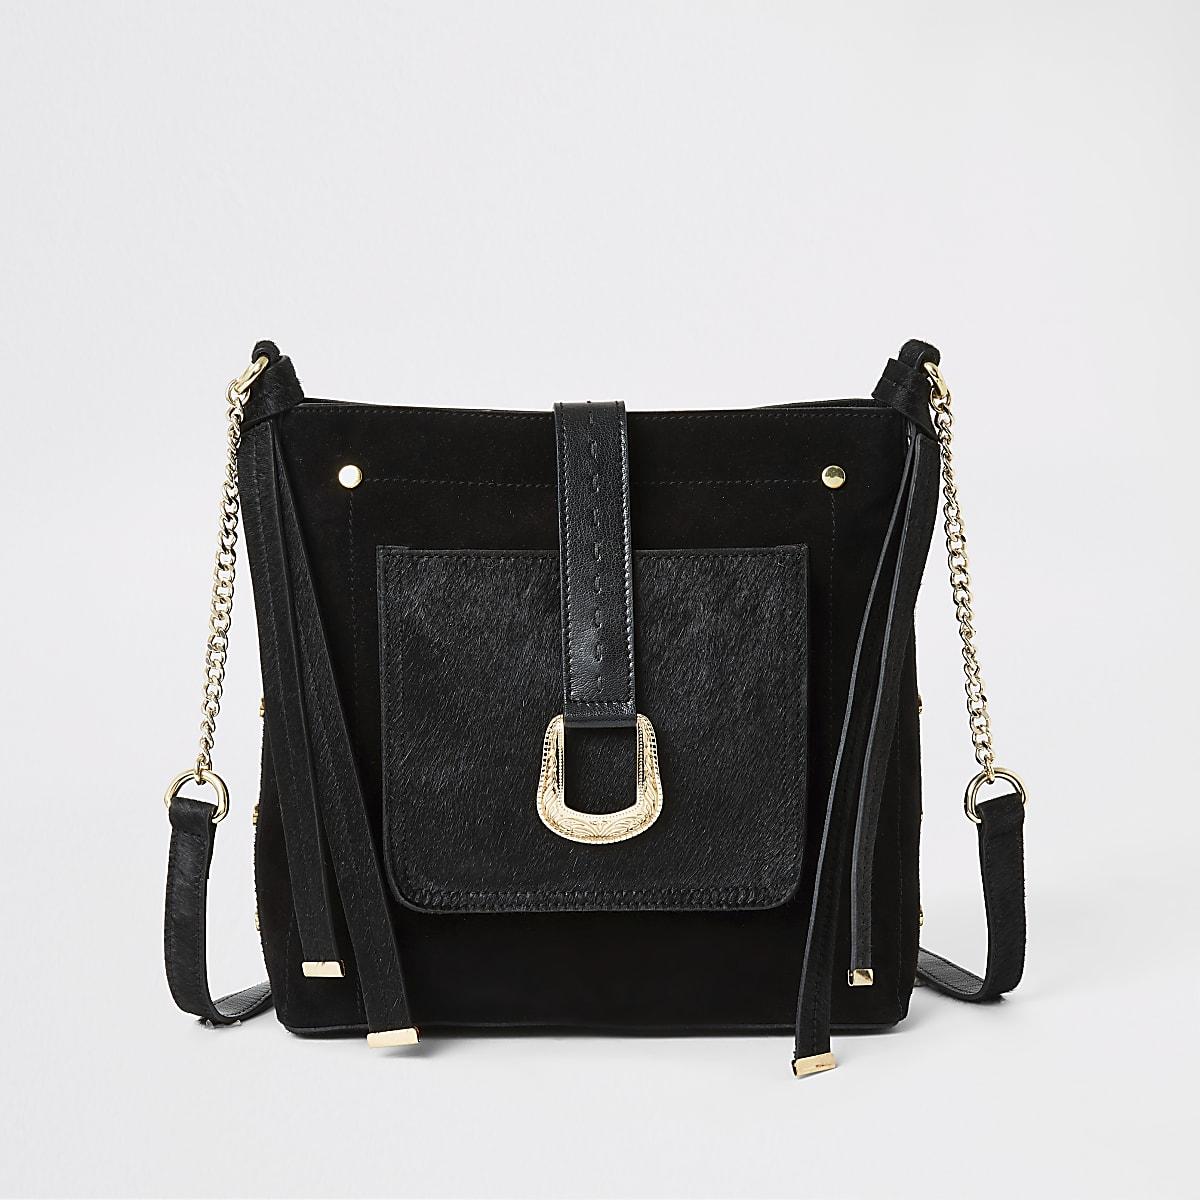 Black leather buckle front messenger bag